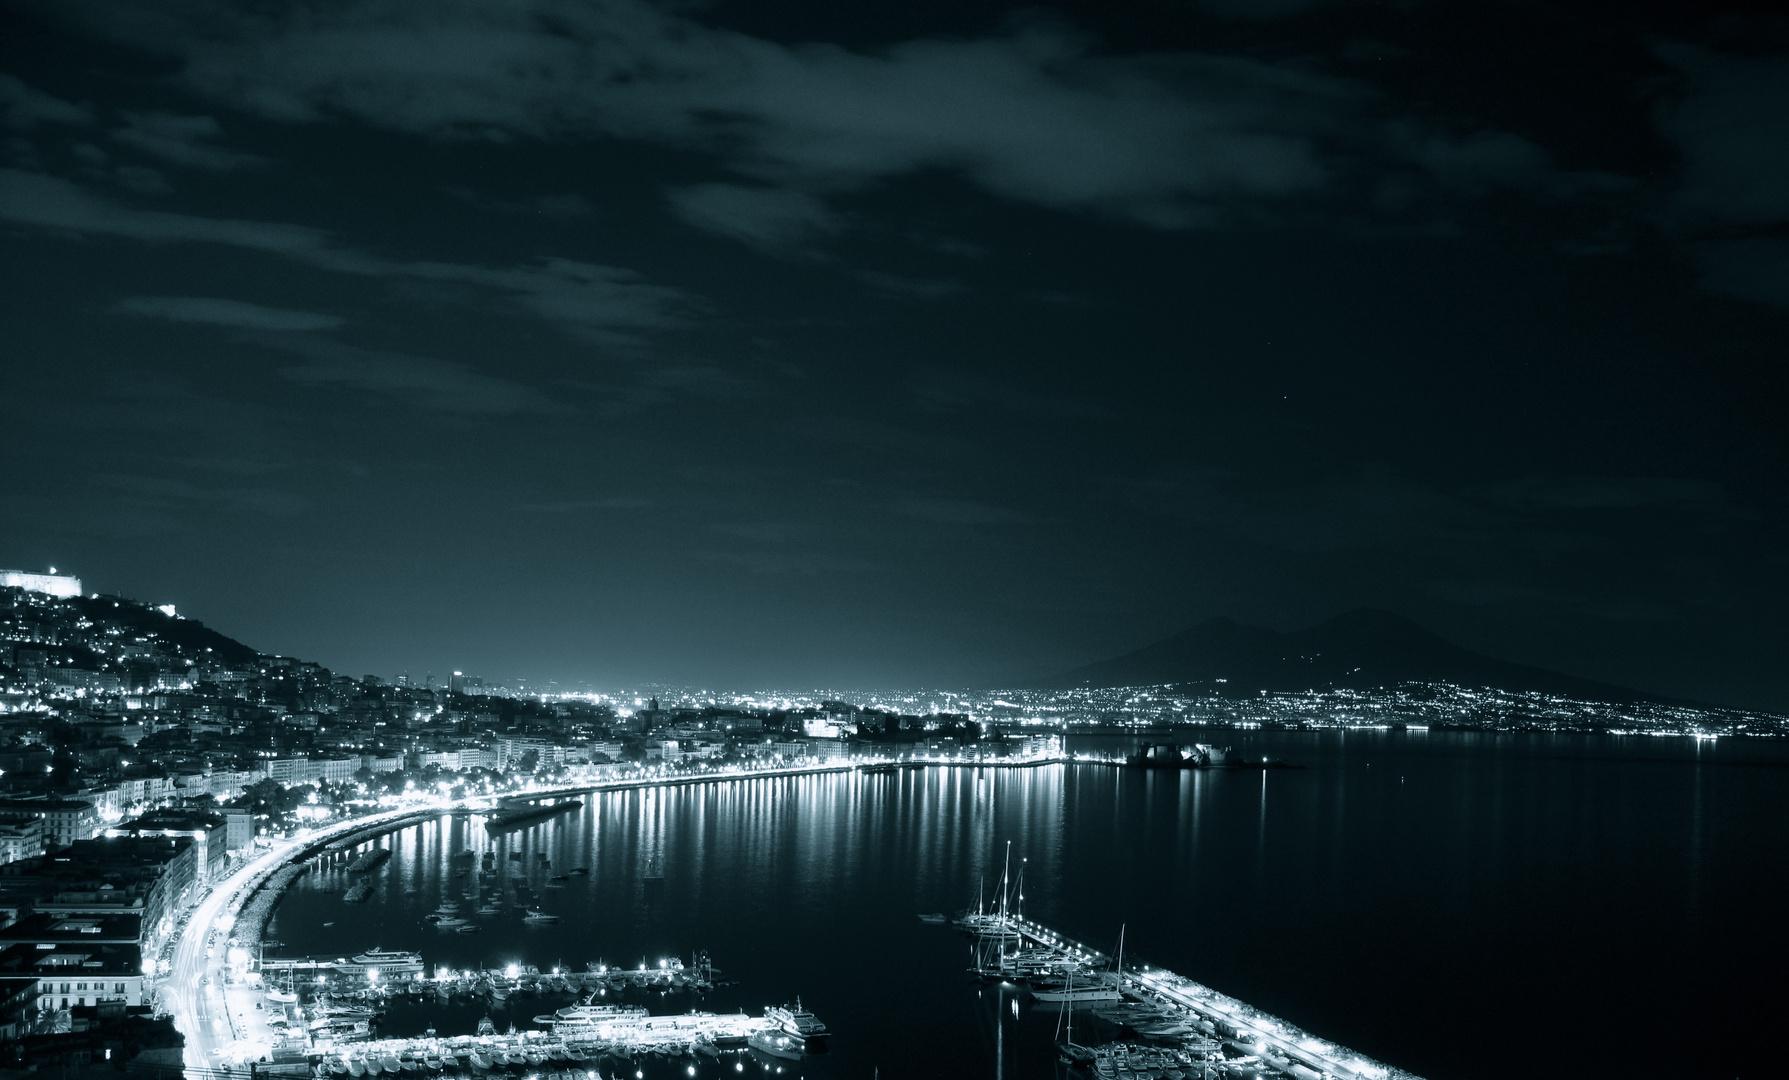 Napoli Di Notte Foto Immagini La Mia Citta Panorama Napoli Foto Su Fotocommunity